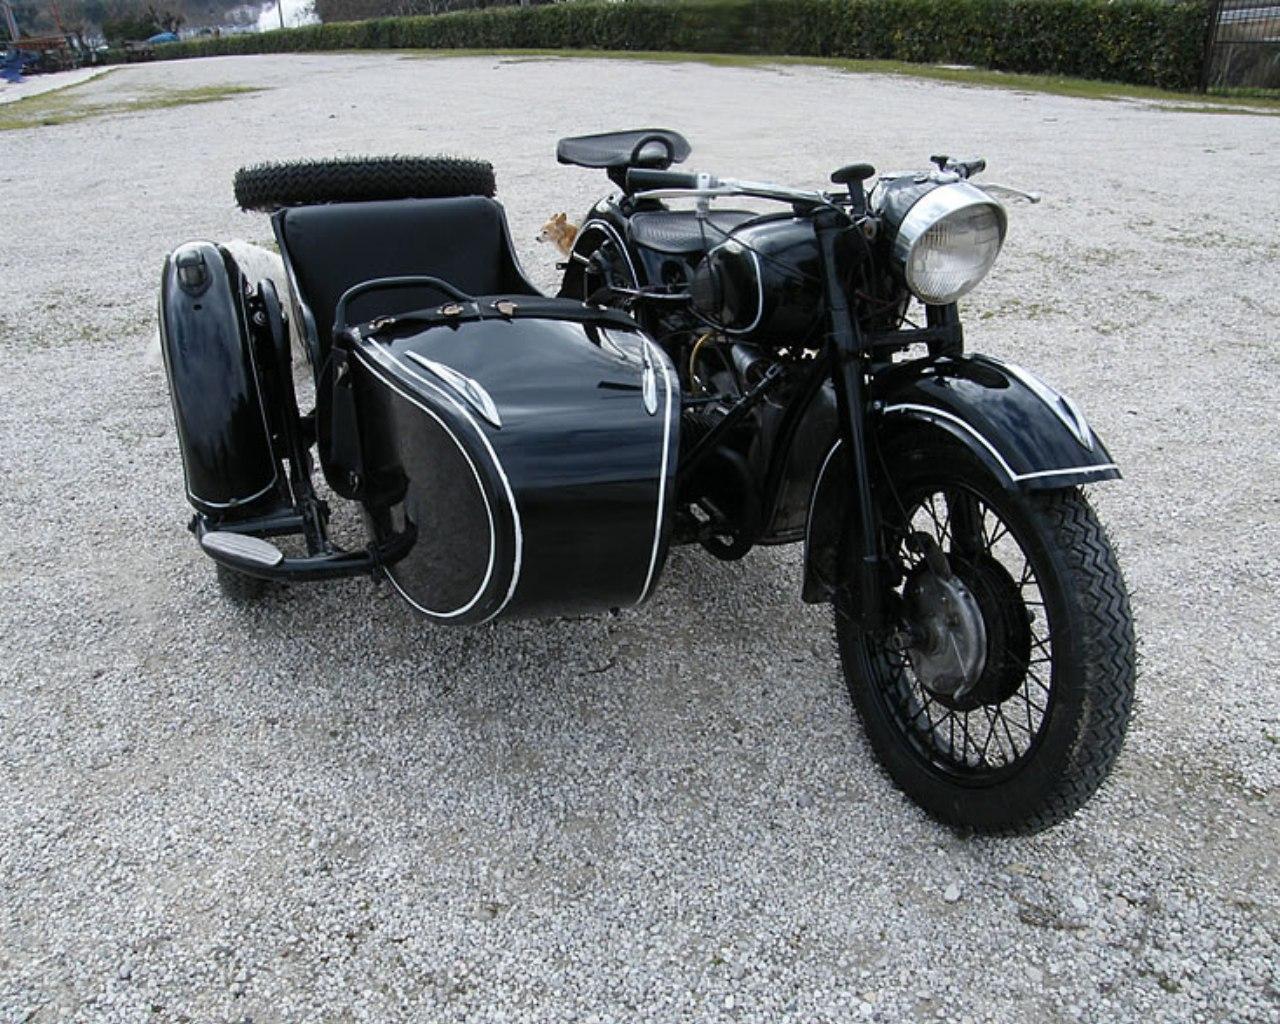 Dnepr MT-12 sidecar 2WD - sidecar matrimonio - sidecar nuziale